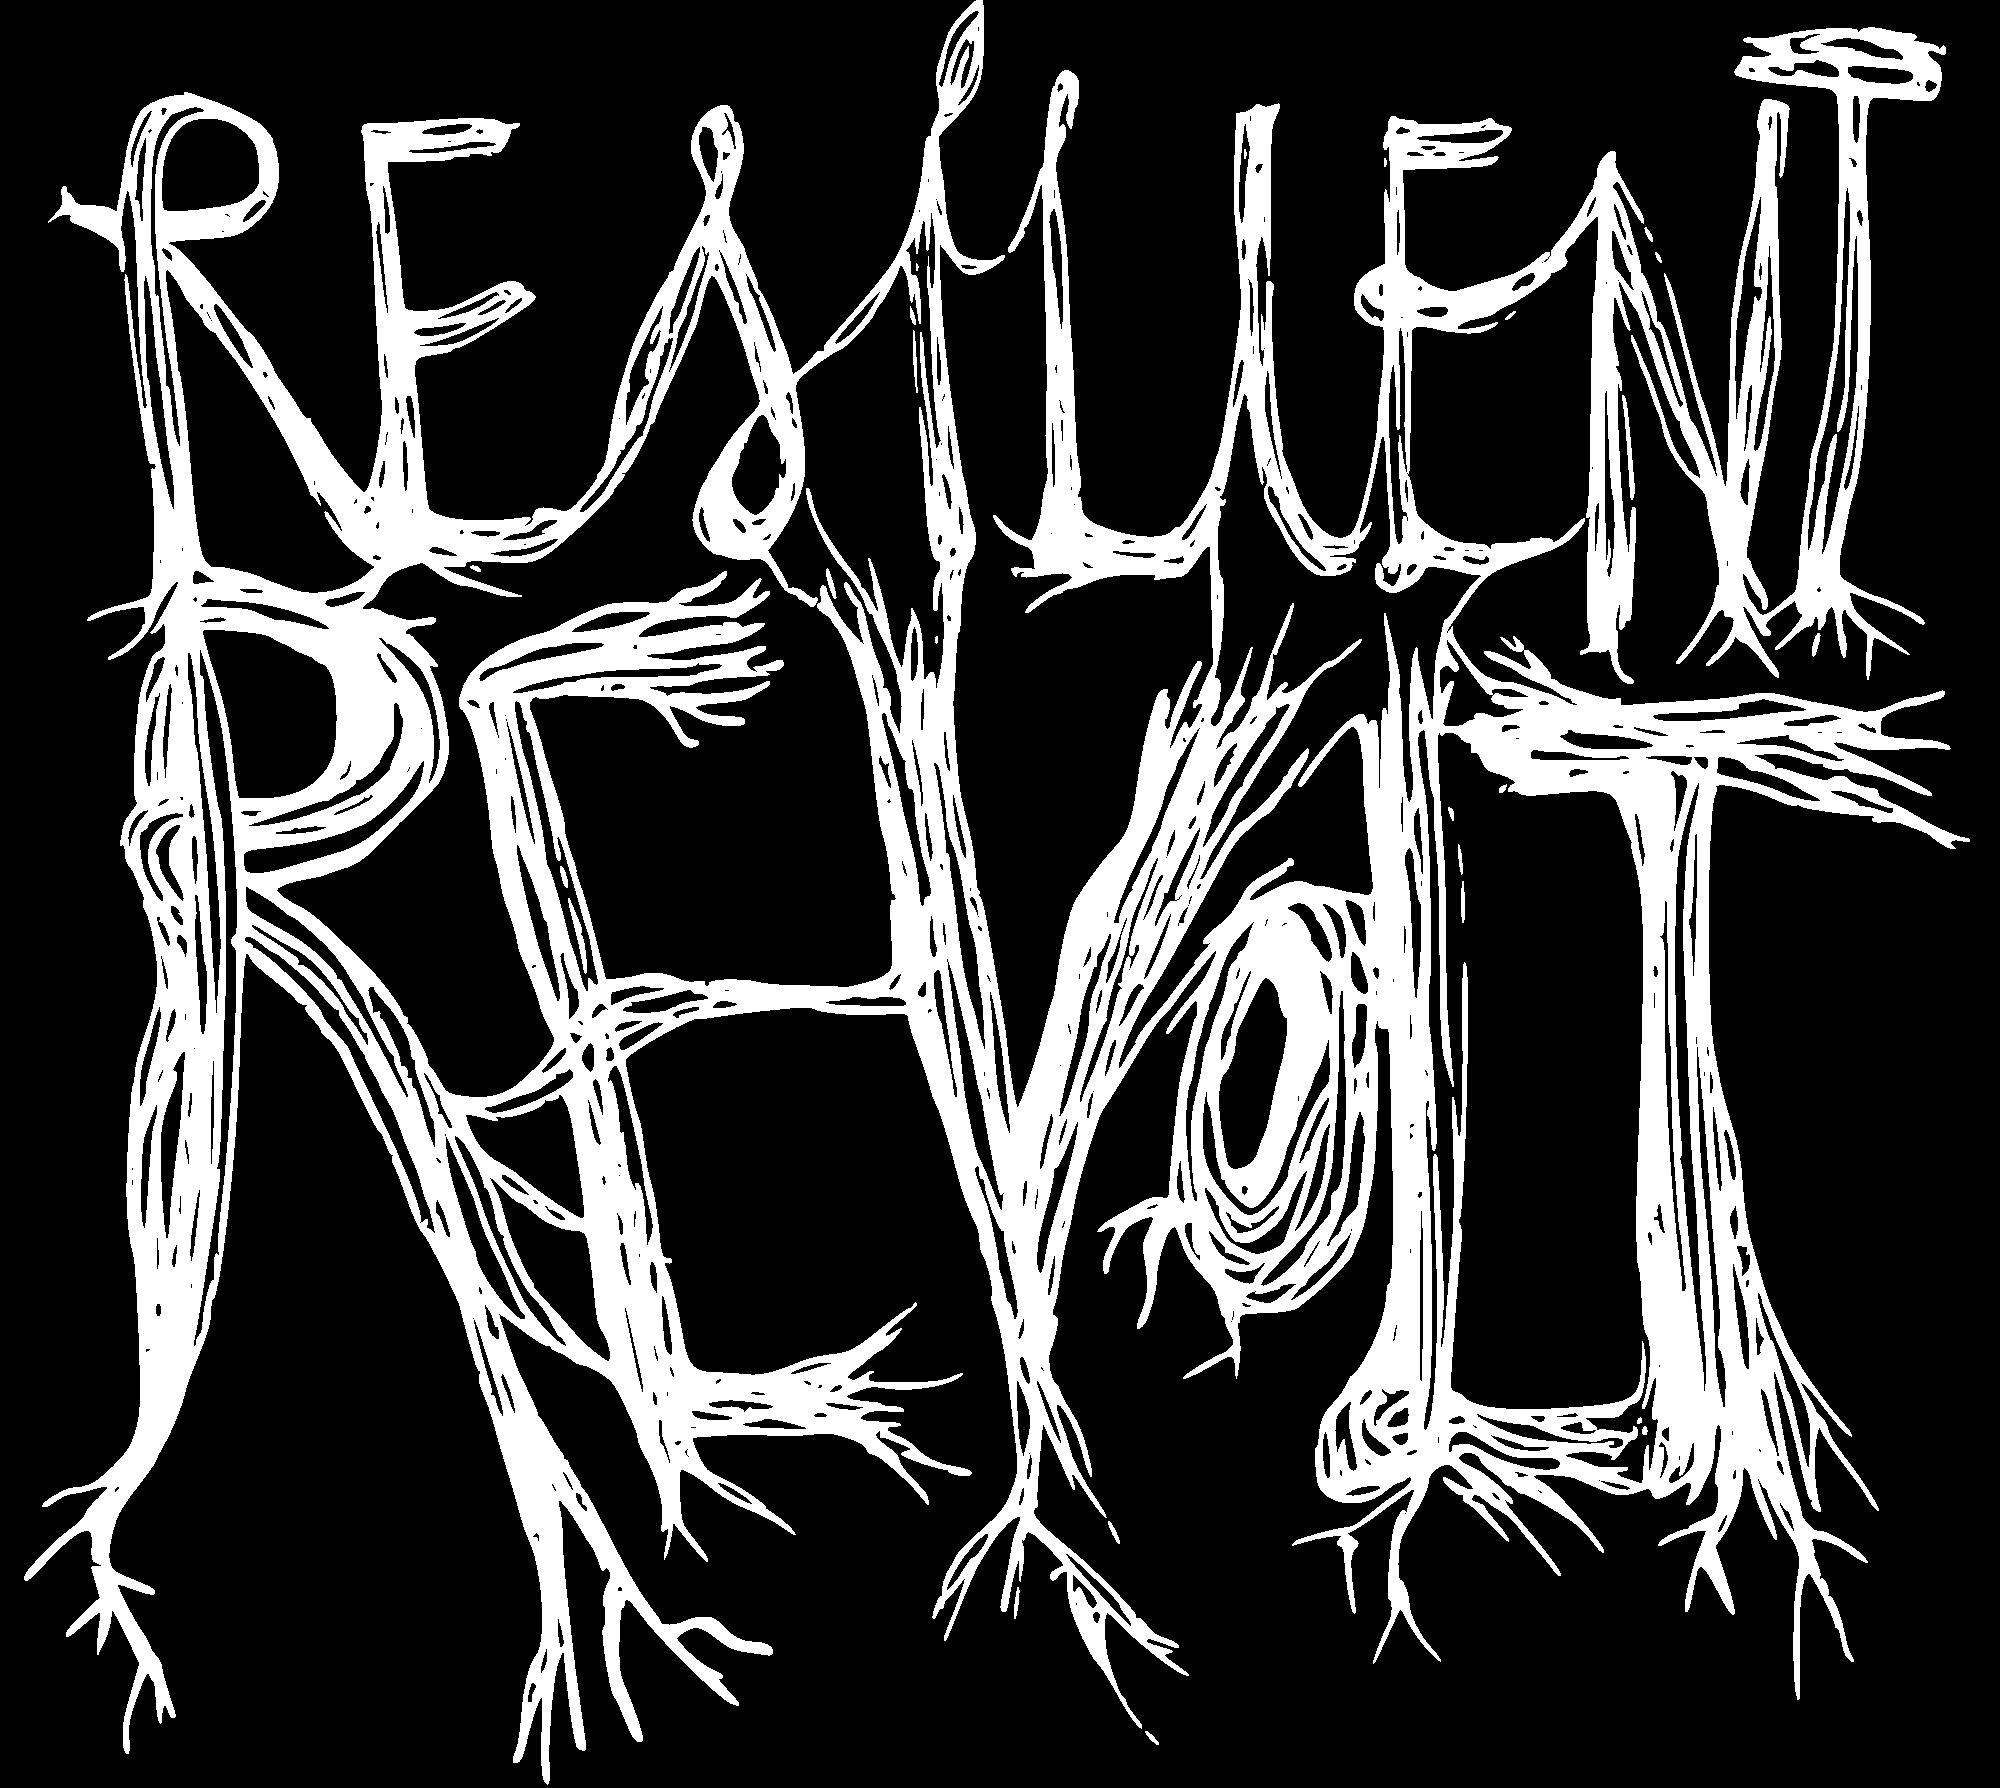 resilientrevolt.org